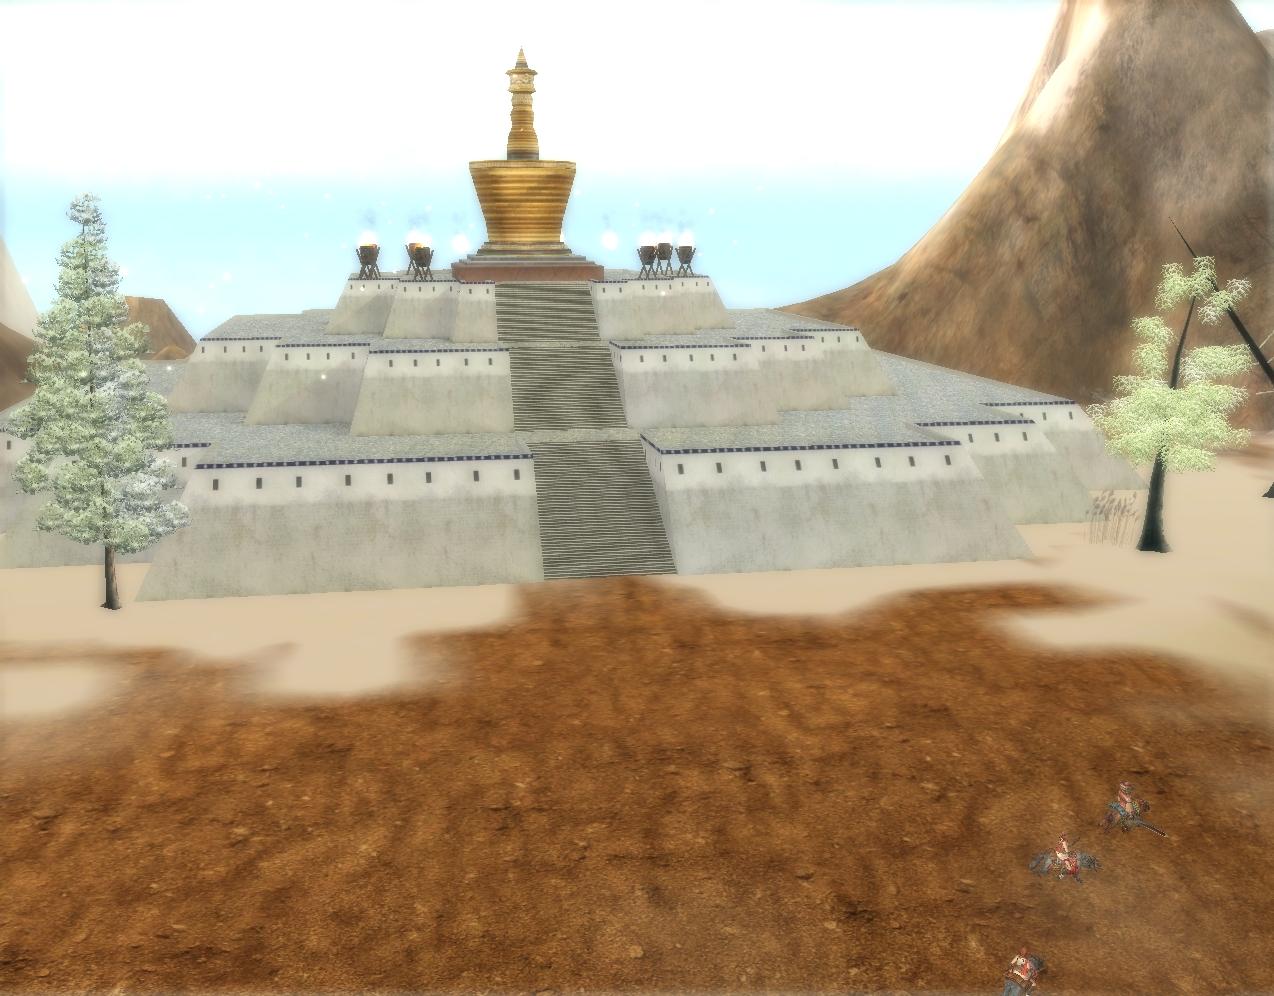 Klicke auf die Grafik für eine größere AnsichtName:9Dragons_ Tempel in Tibet.jpgHits:163Größe:801,7 KBID:2412